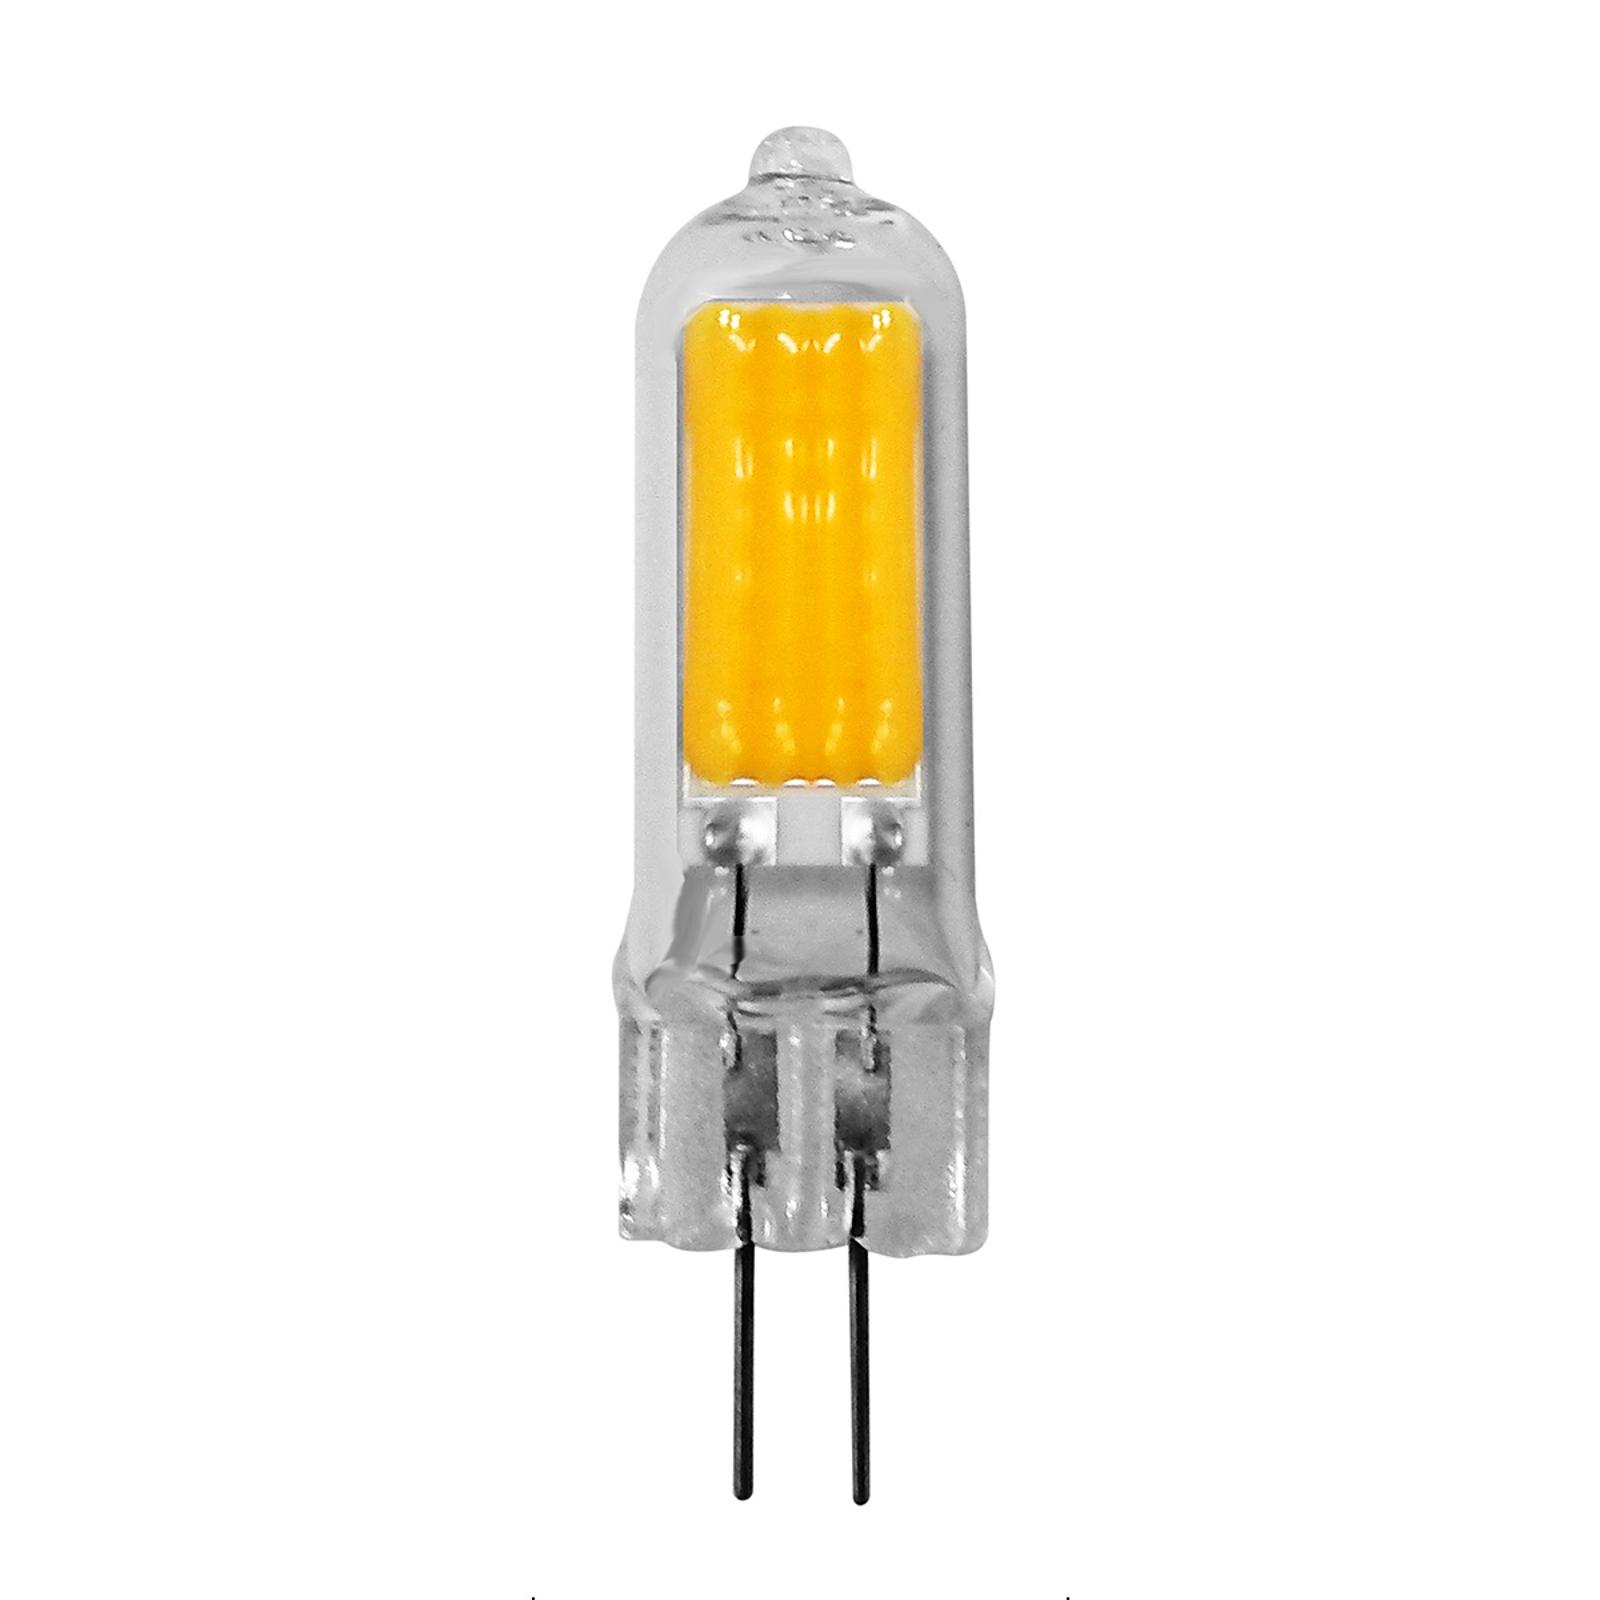 Kaksikantainen LED-lamppu G4 1,6W lämmin valkoinen